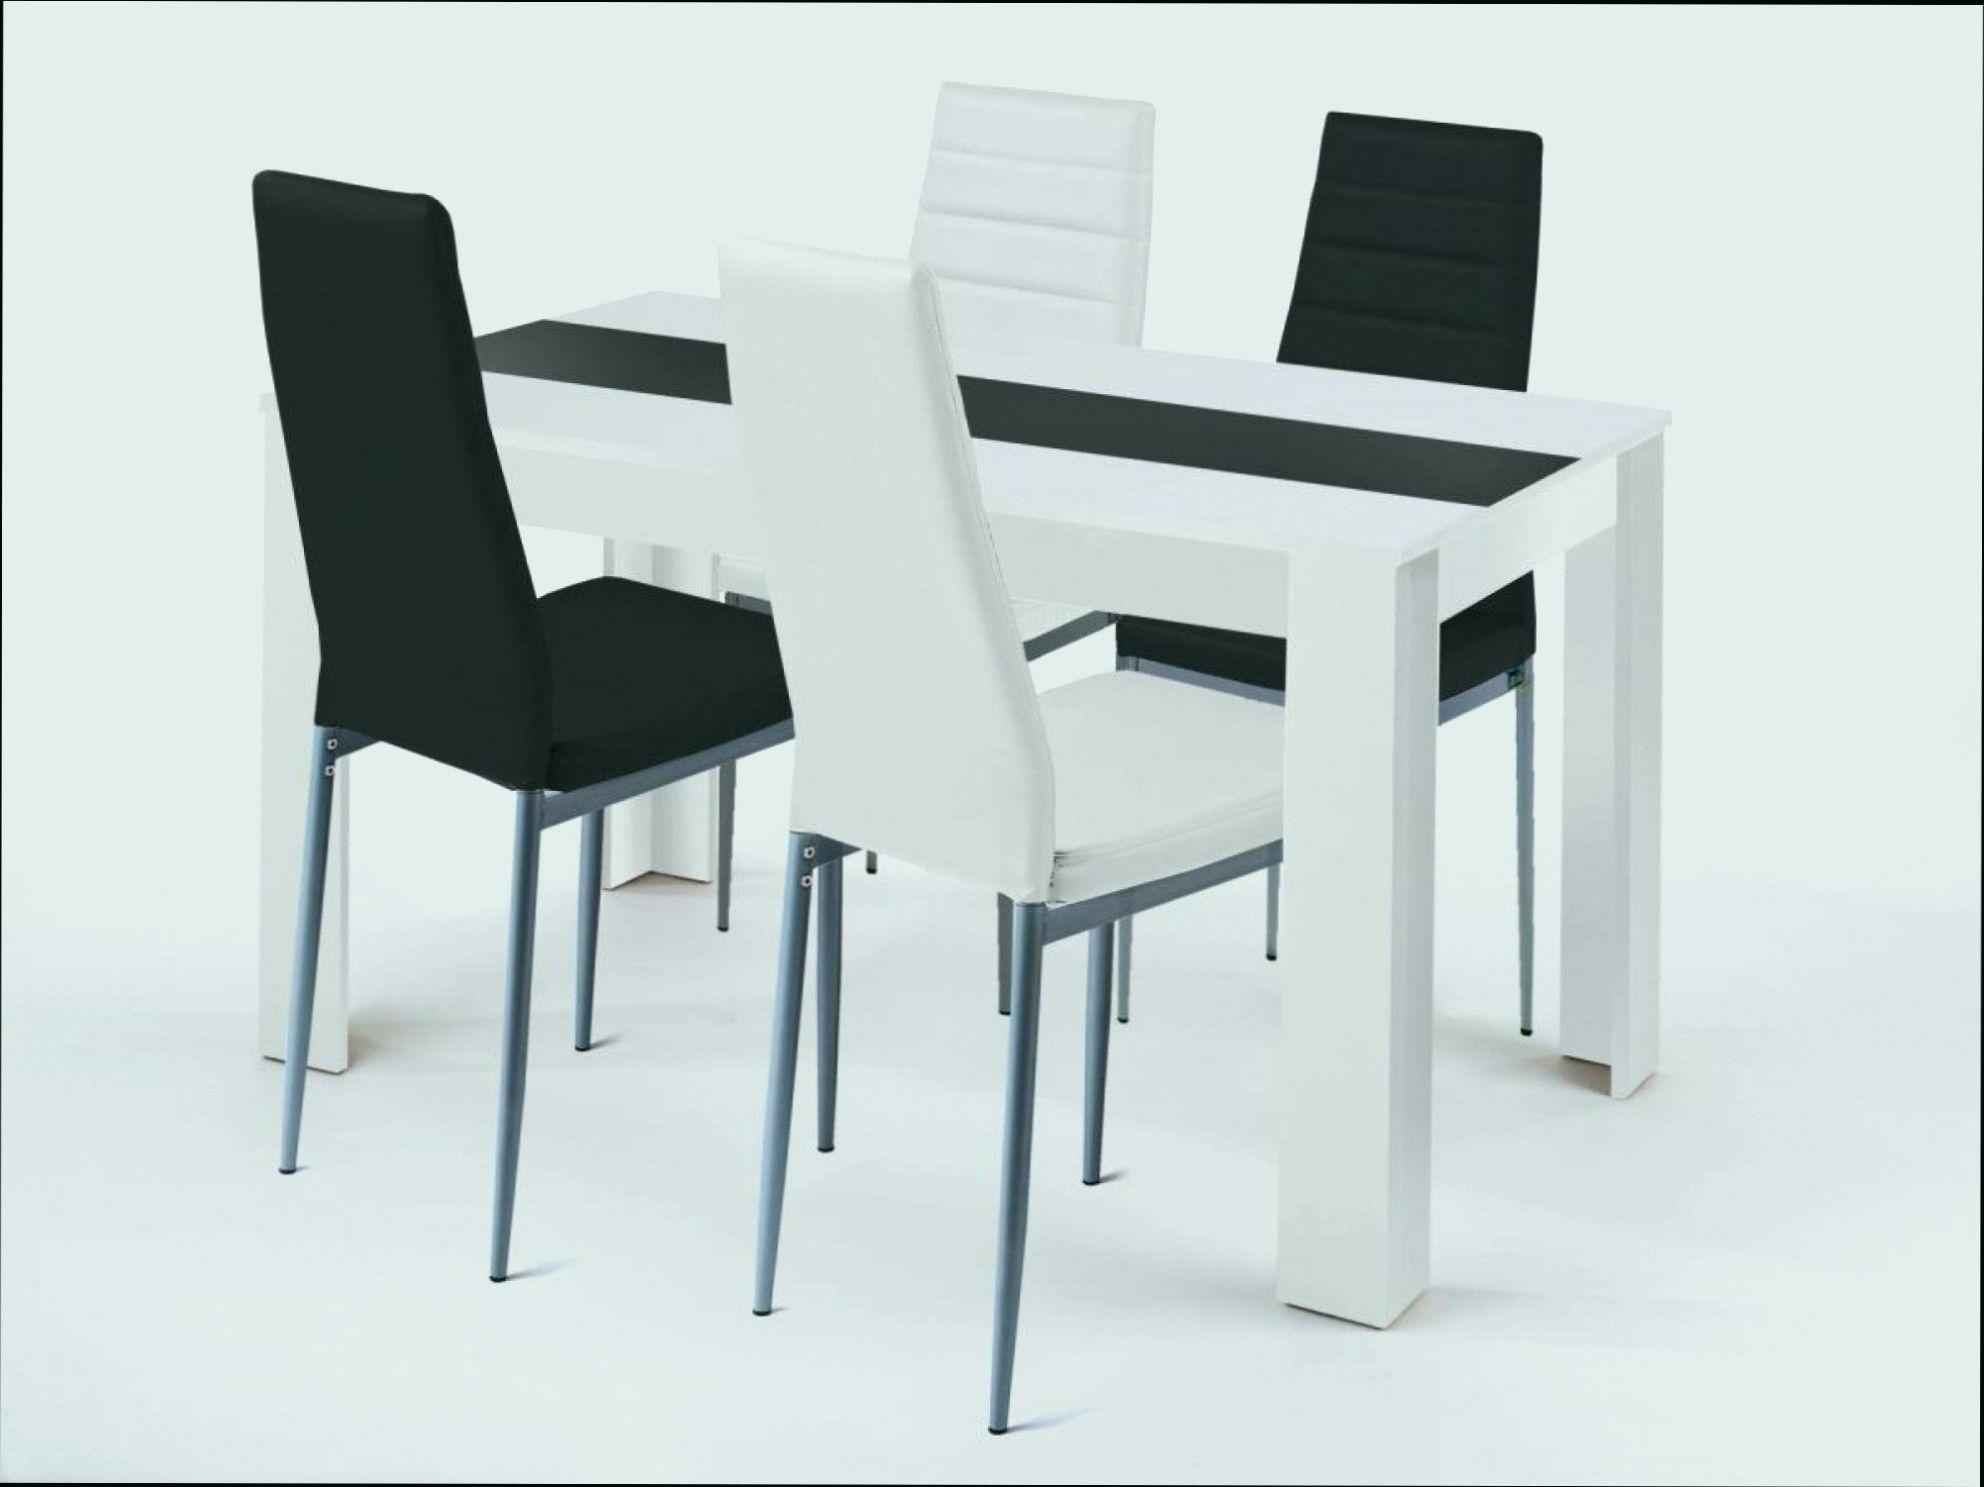 Poco Kuchentisch Mit Stuhle Dining Chairs Home Decor Home Furniture